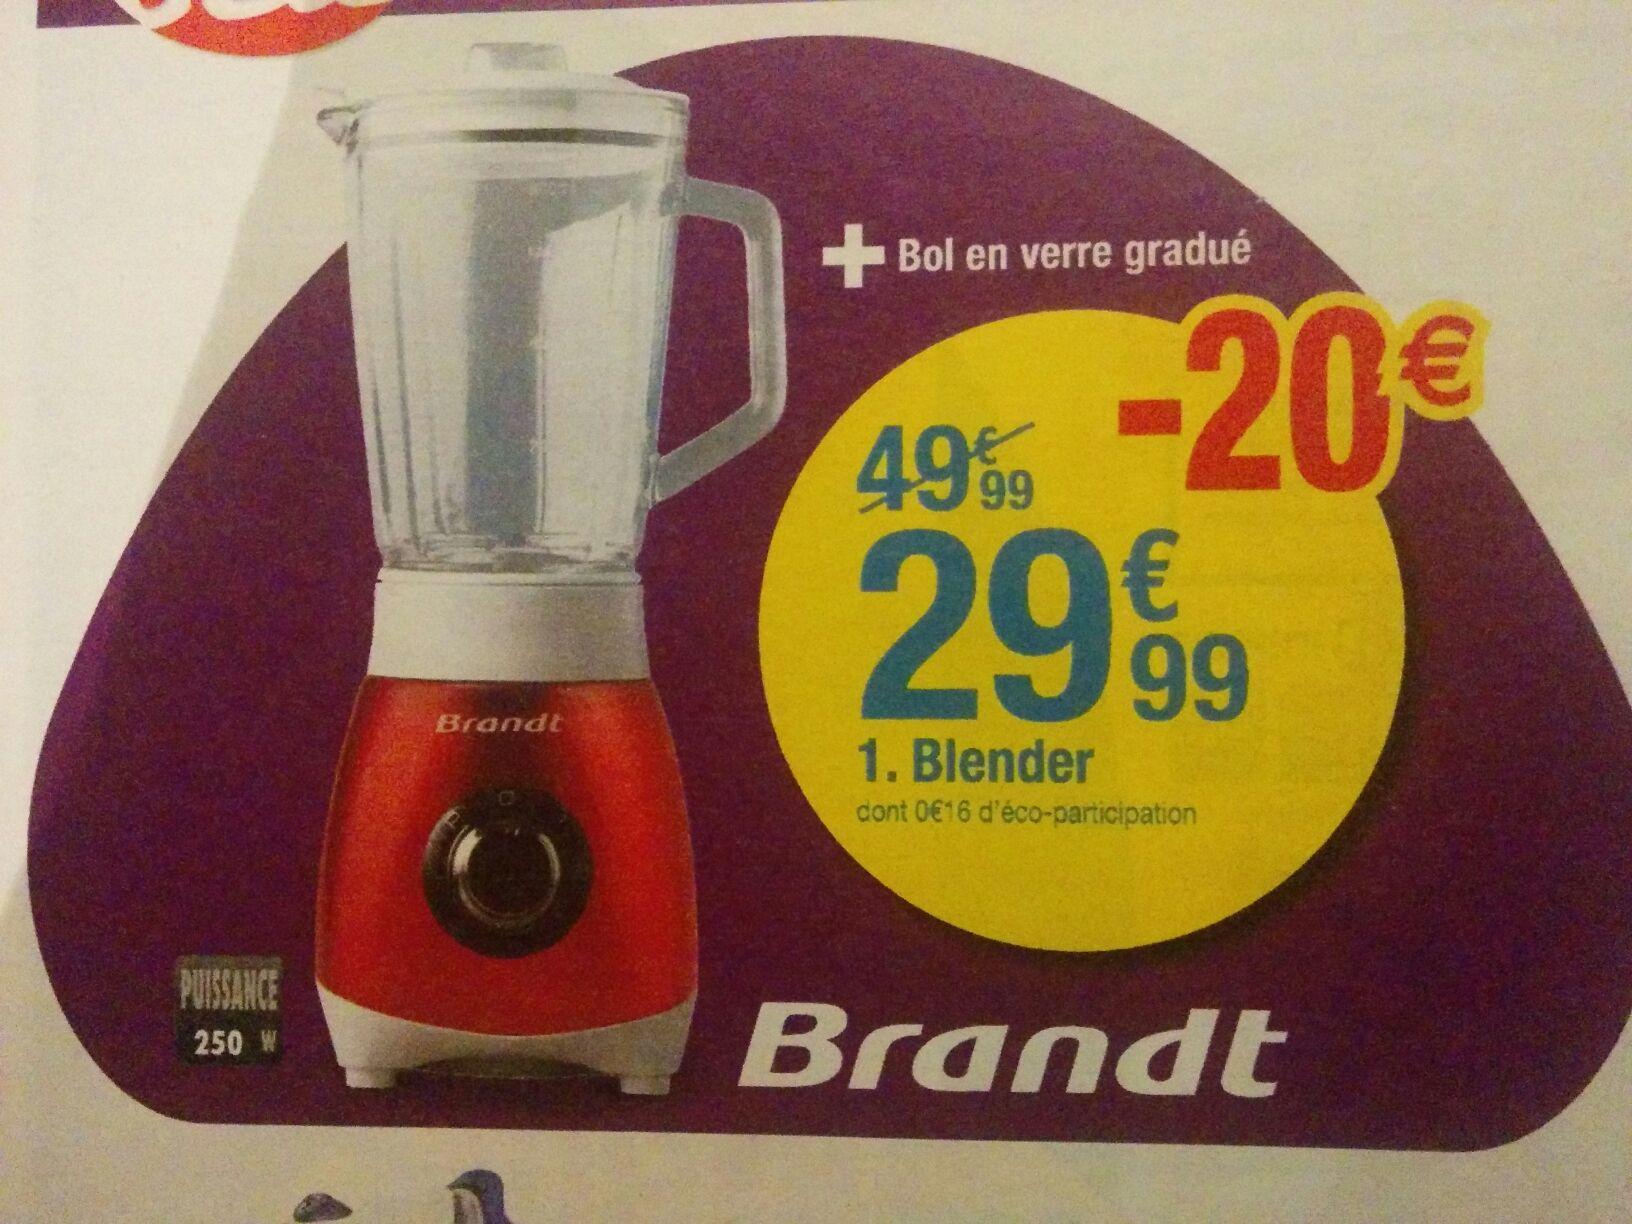 Blender Brandt BLE250R + Bol en verre gradué